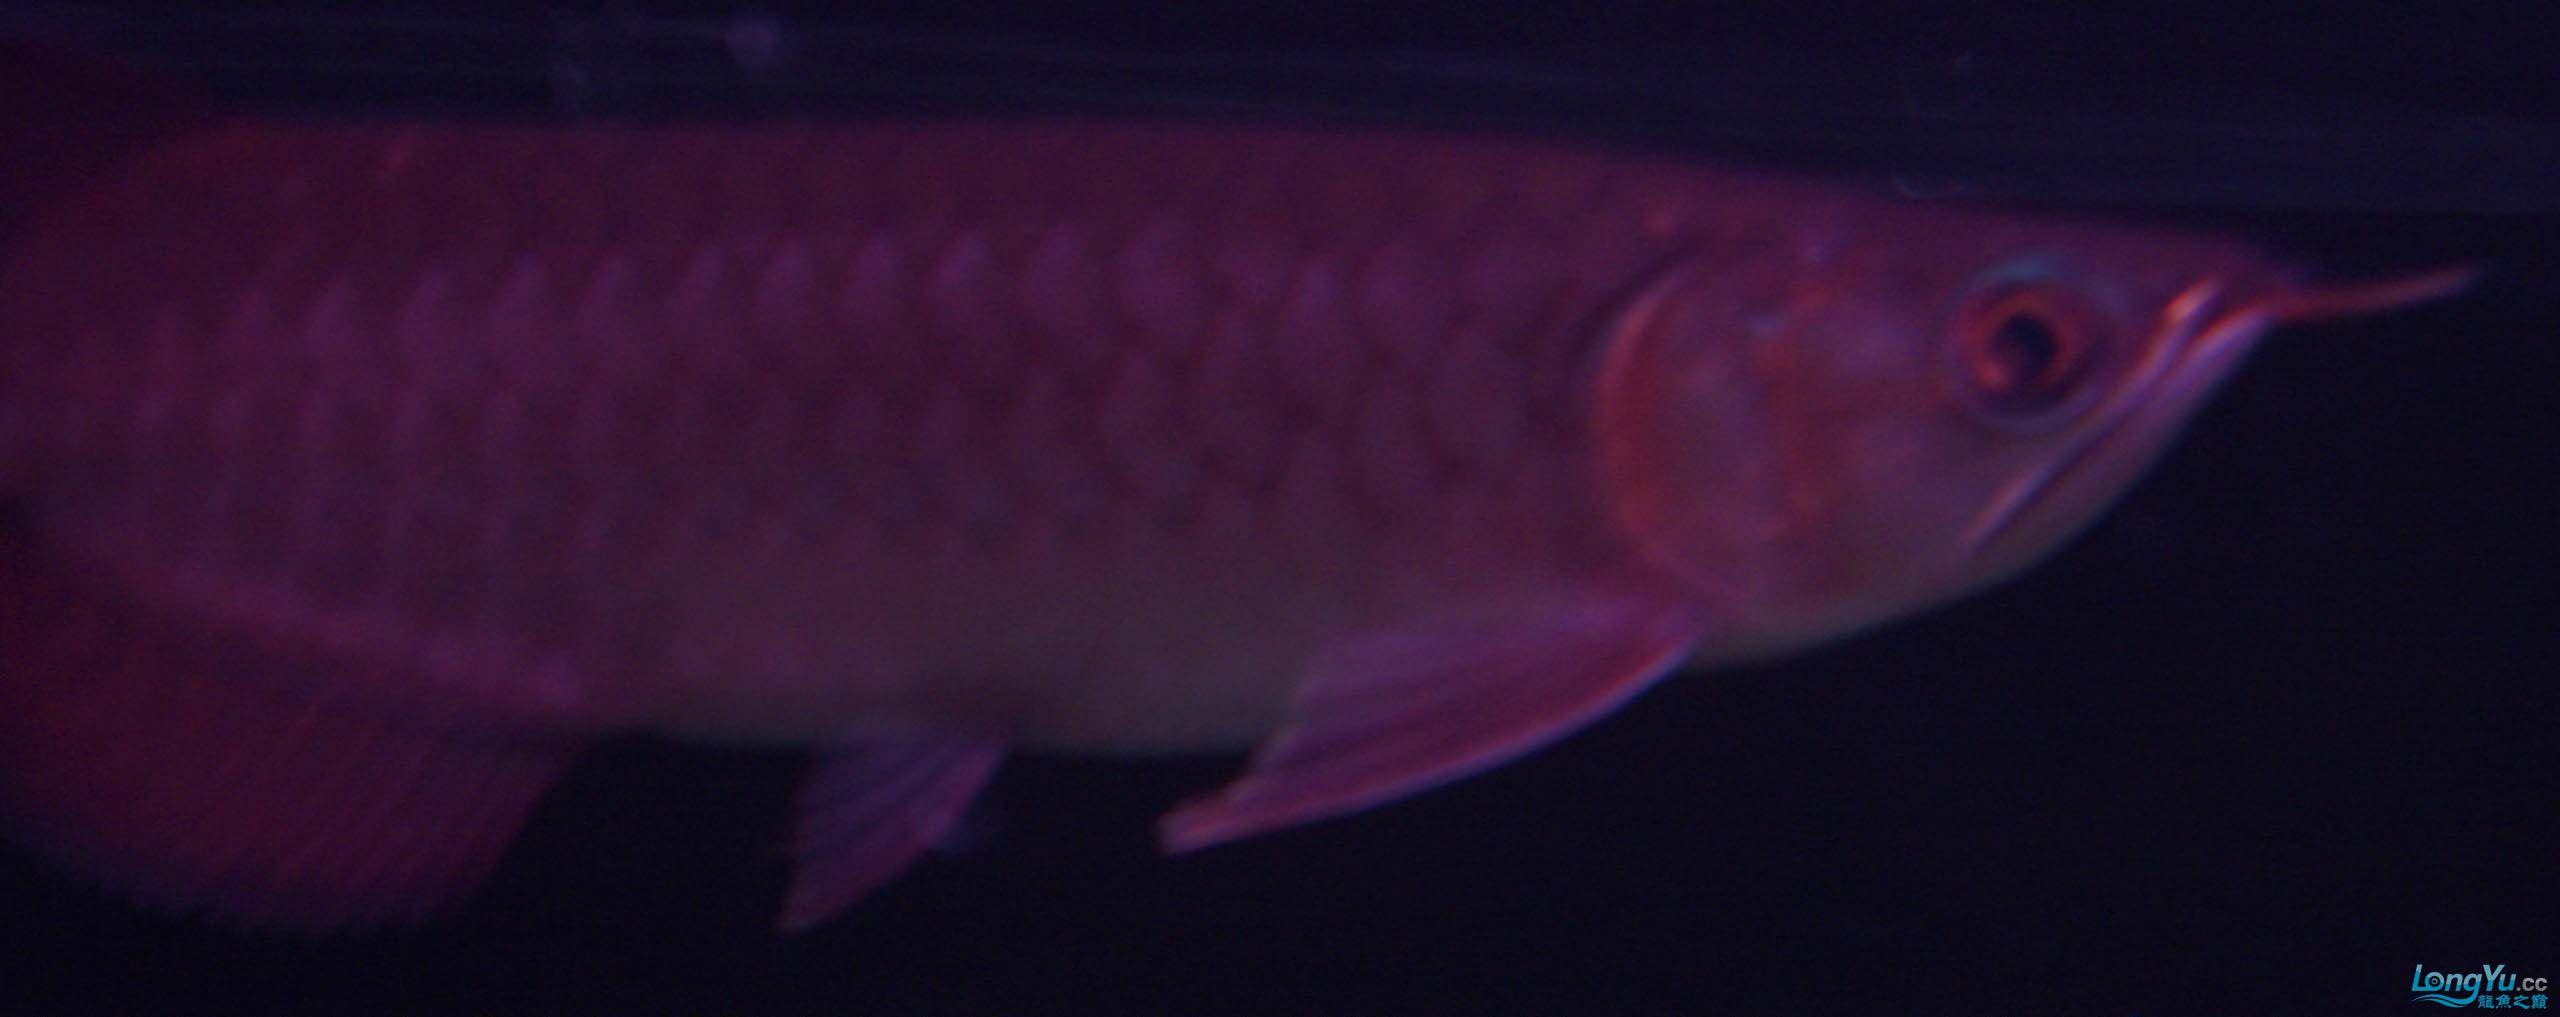 给15公分长须小超血建个档(5月7日更新——女皇大帆】23cm) 西安观赏鱼信息 西安博特第21张